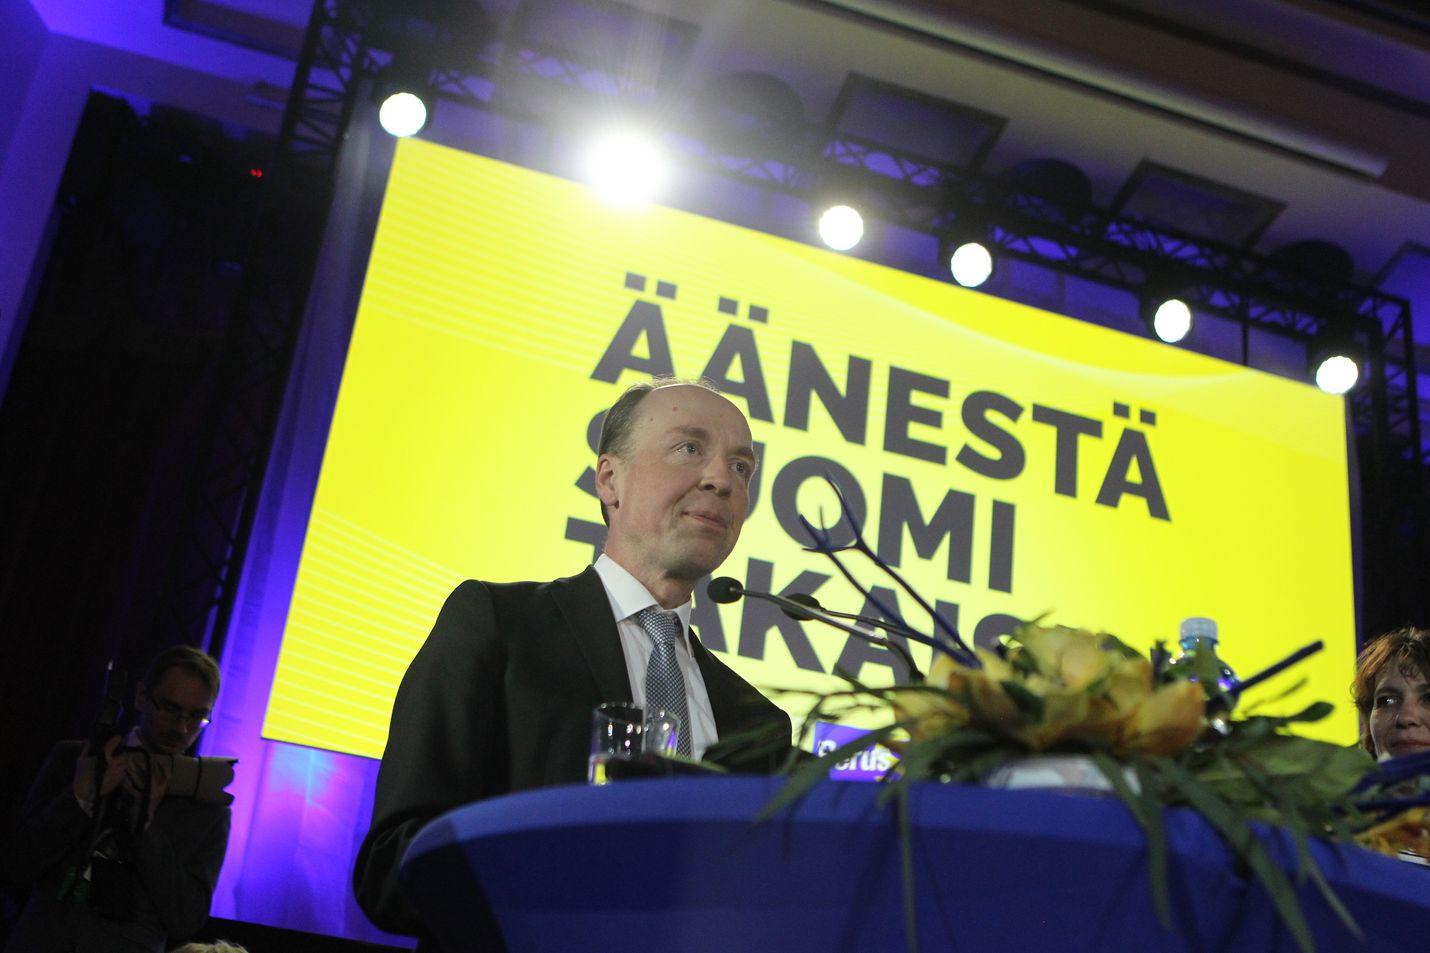 Jussi Halla-ahon perussuomalaiset nousivat eduskuntavaaleissa toiseksi suurimmaksi puolueeksi.